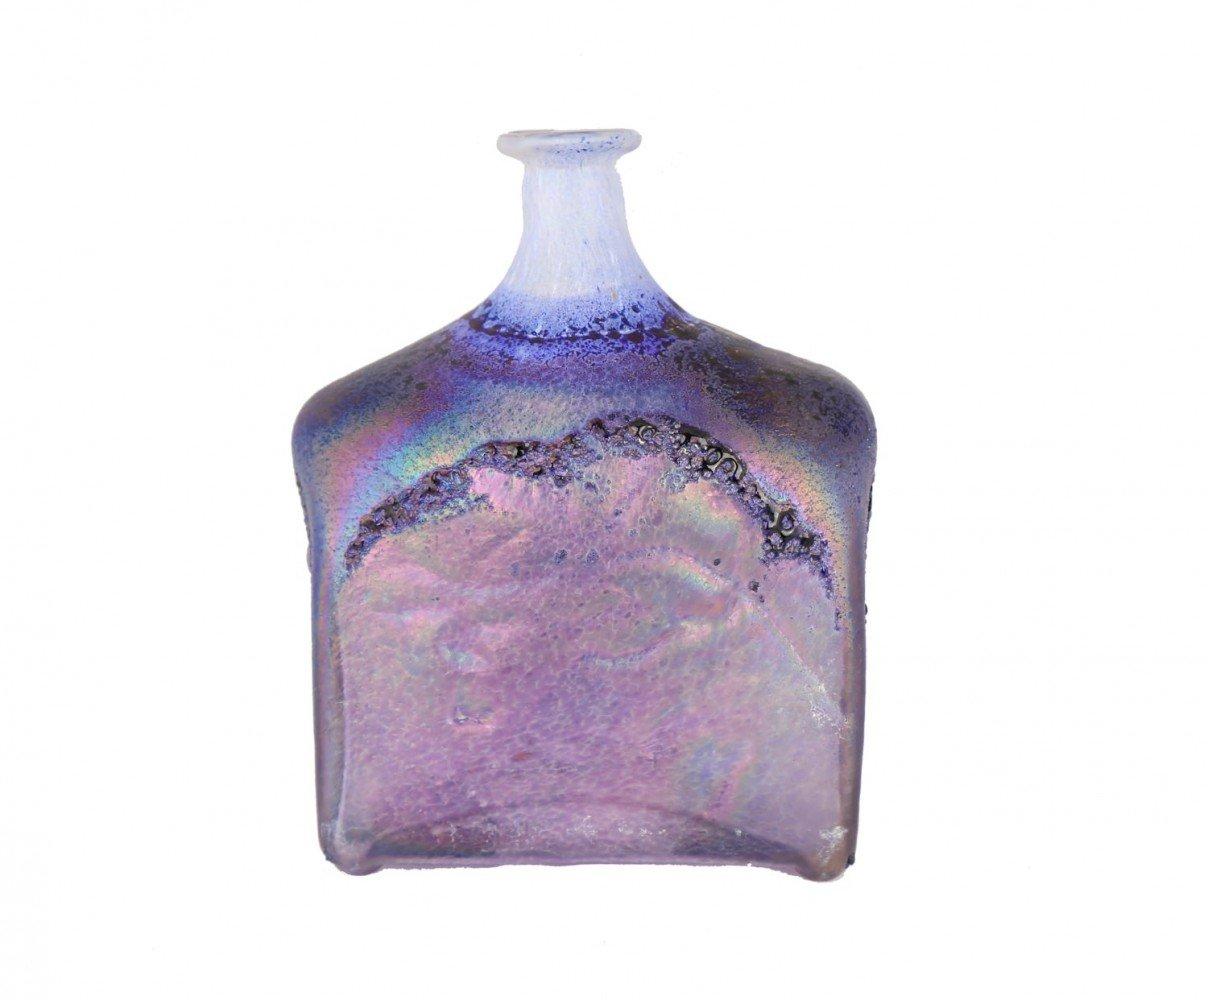 Two art glass Vases